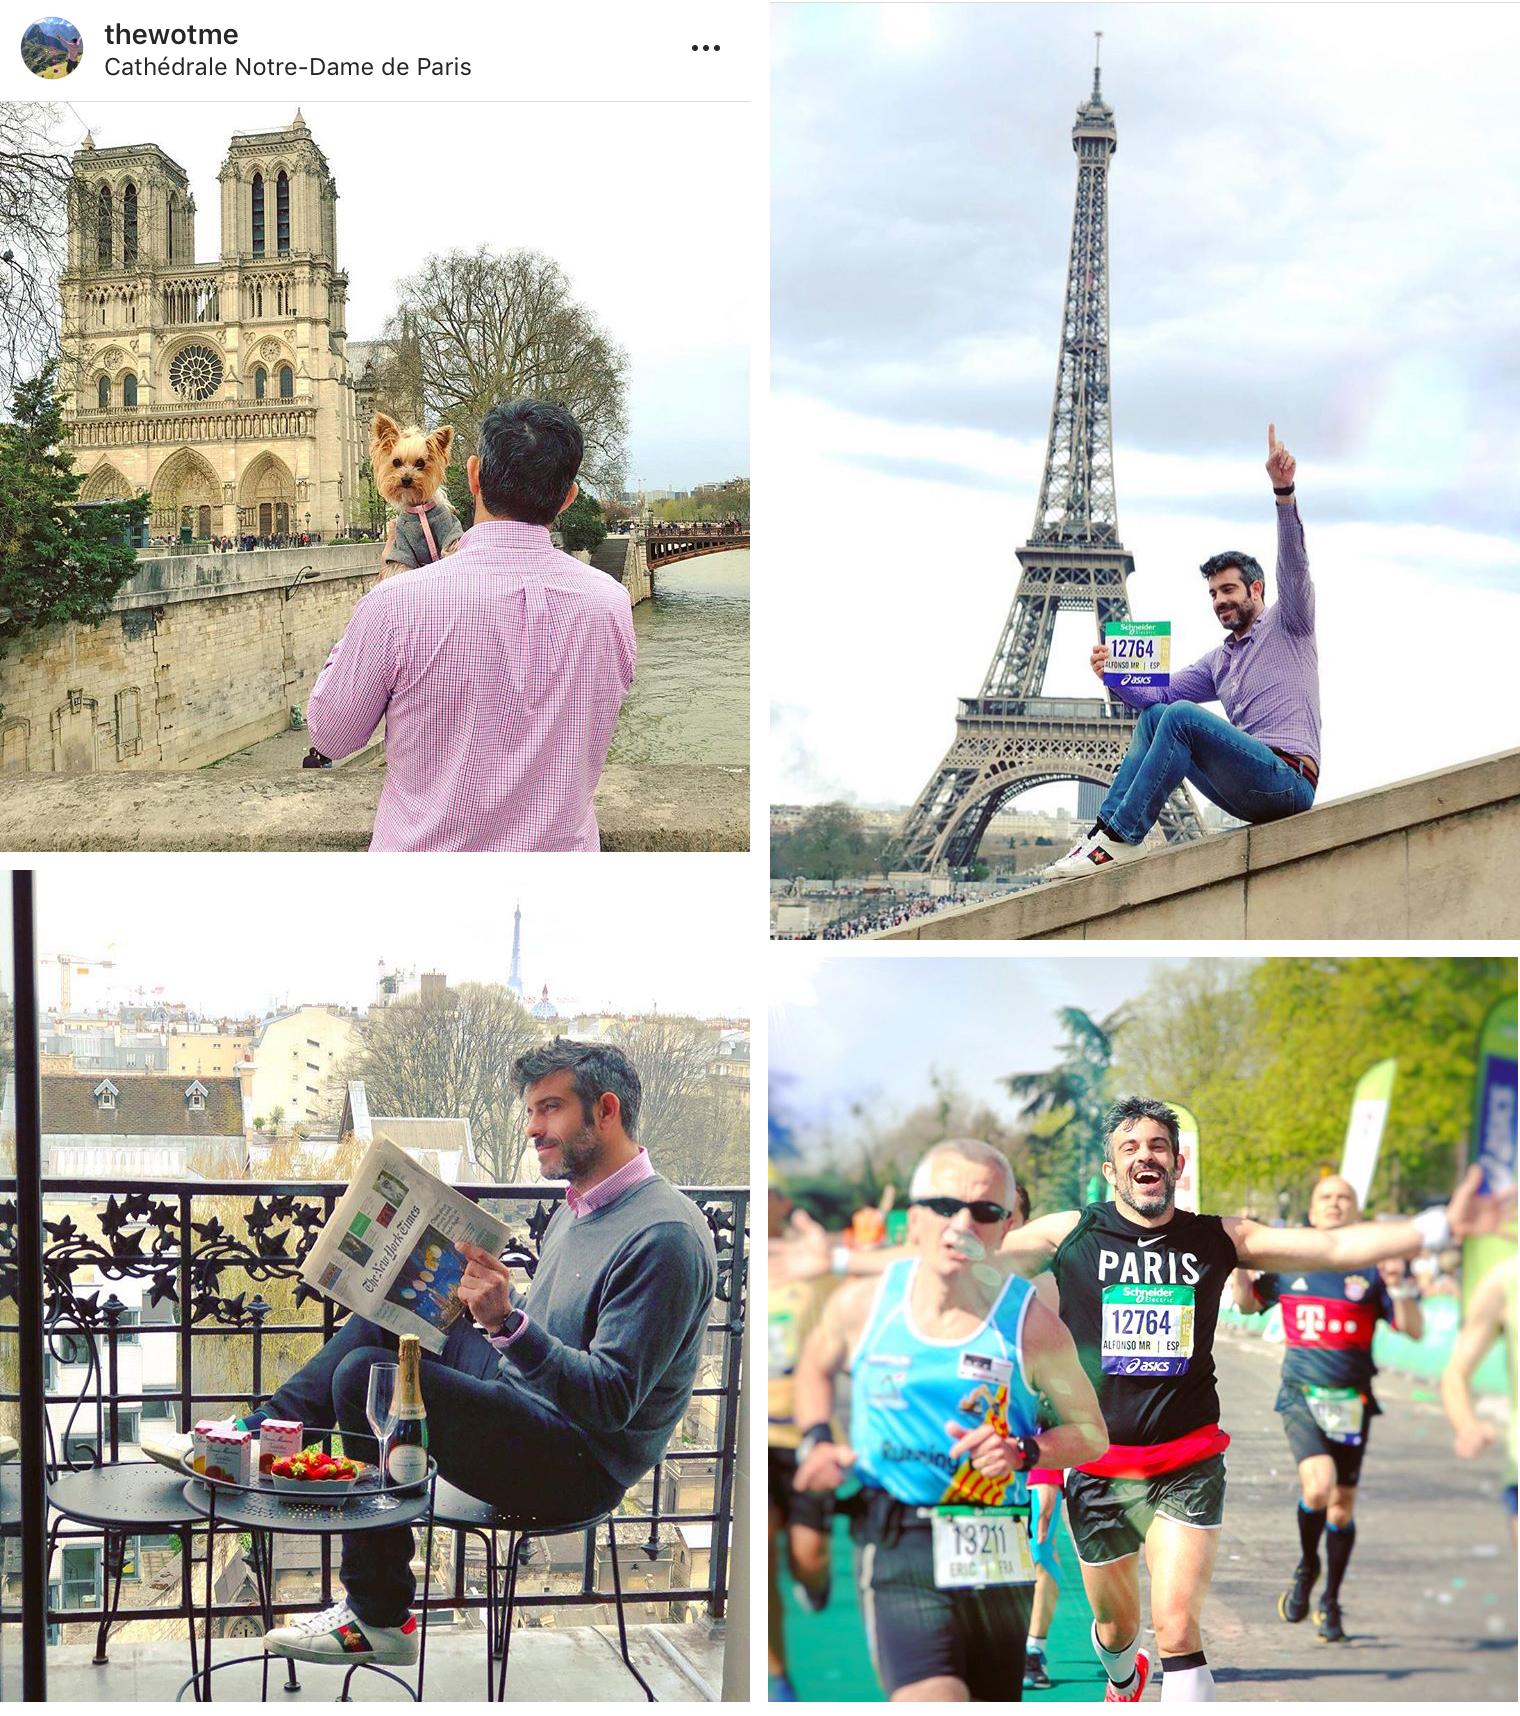 Memoria de viajes 2018 Viajes a Francia  - 45792588794 aaa6cf3026 o - Memoria de Viajes 2018: El año de los Maratones